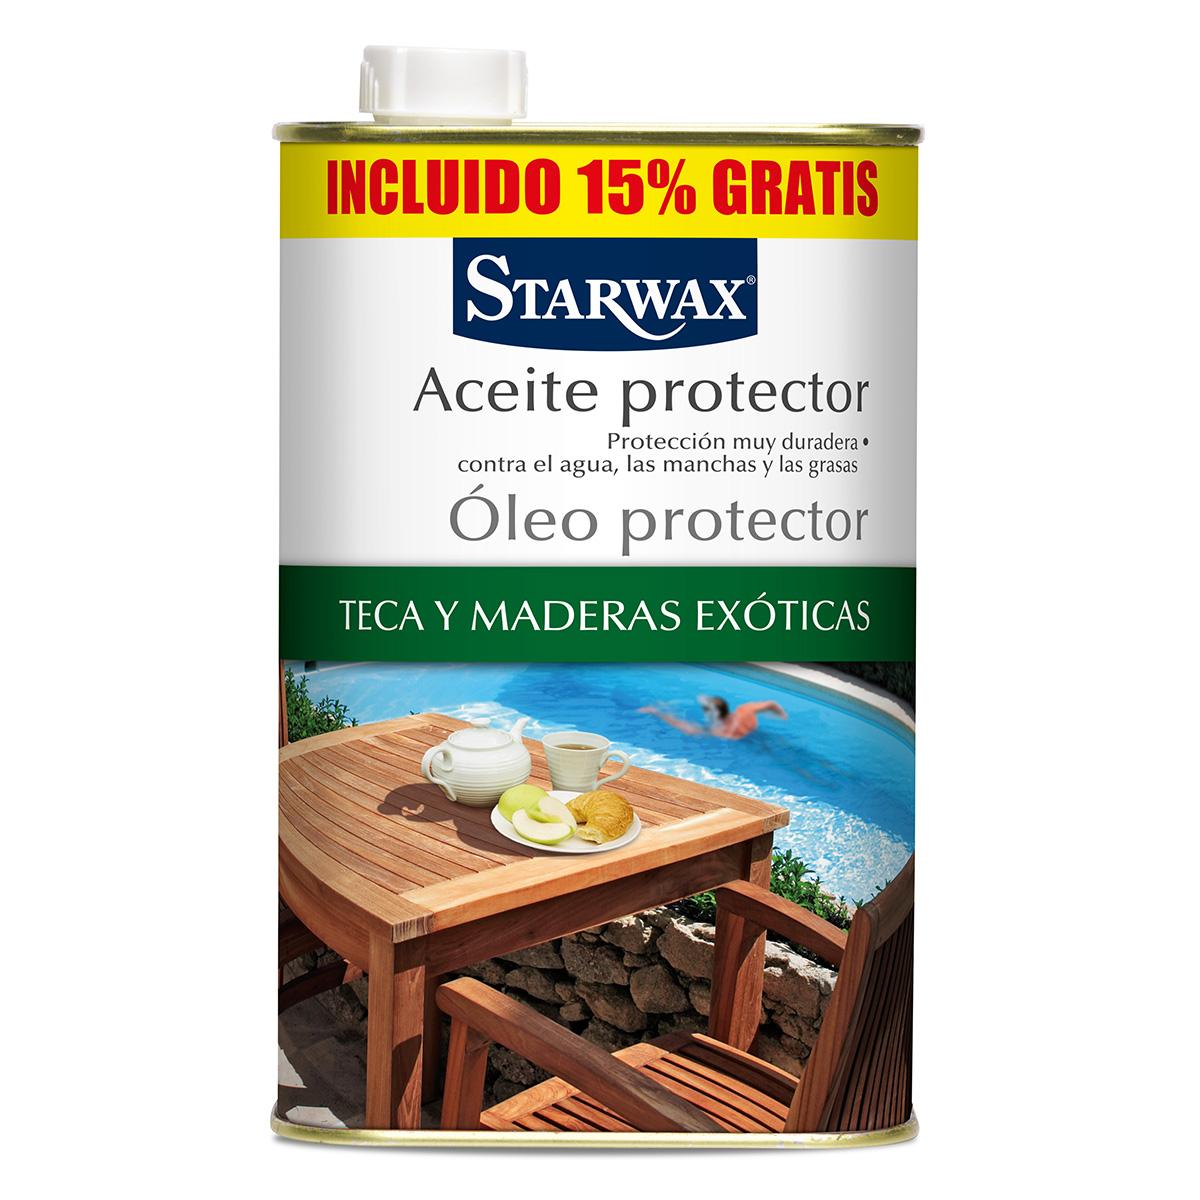 Aceite protector teca y maderas exóticas - Starwax